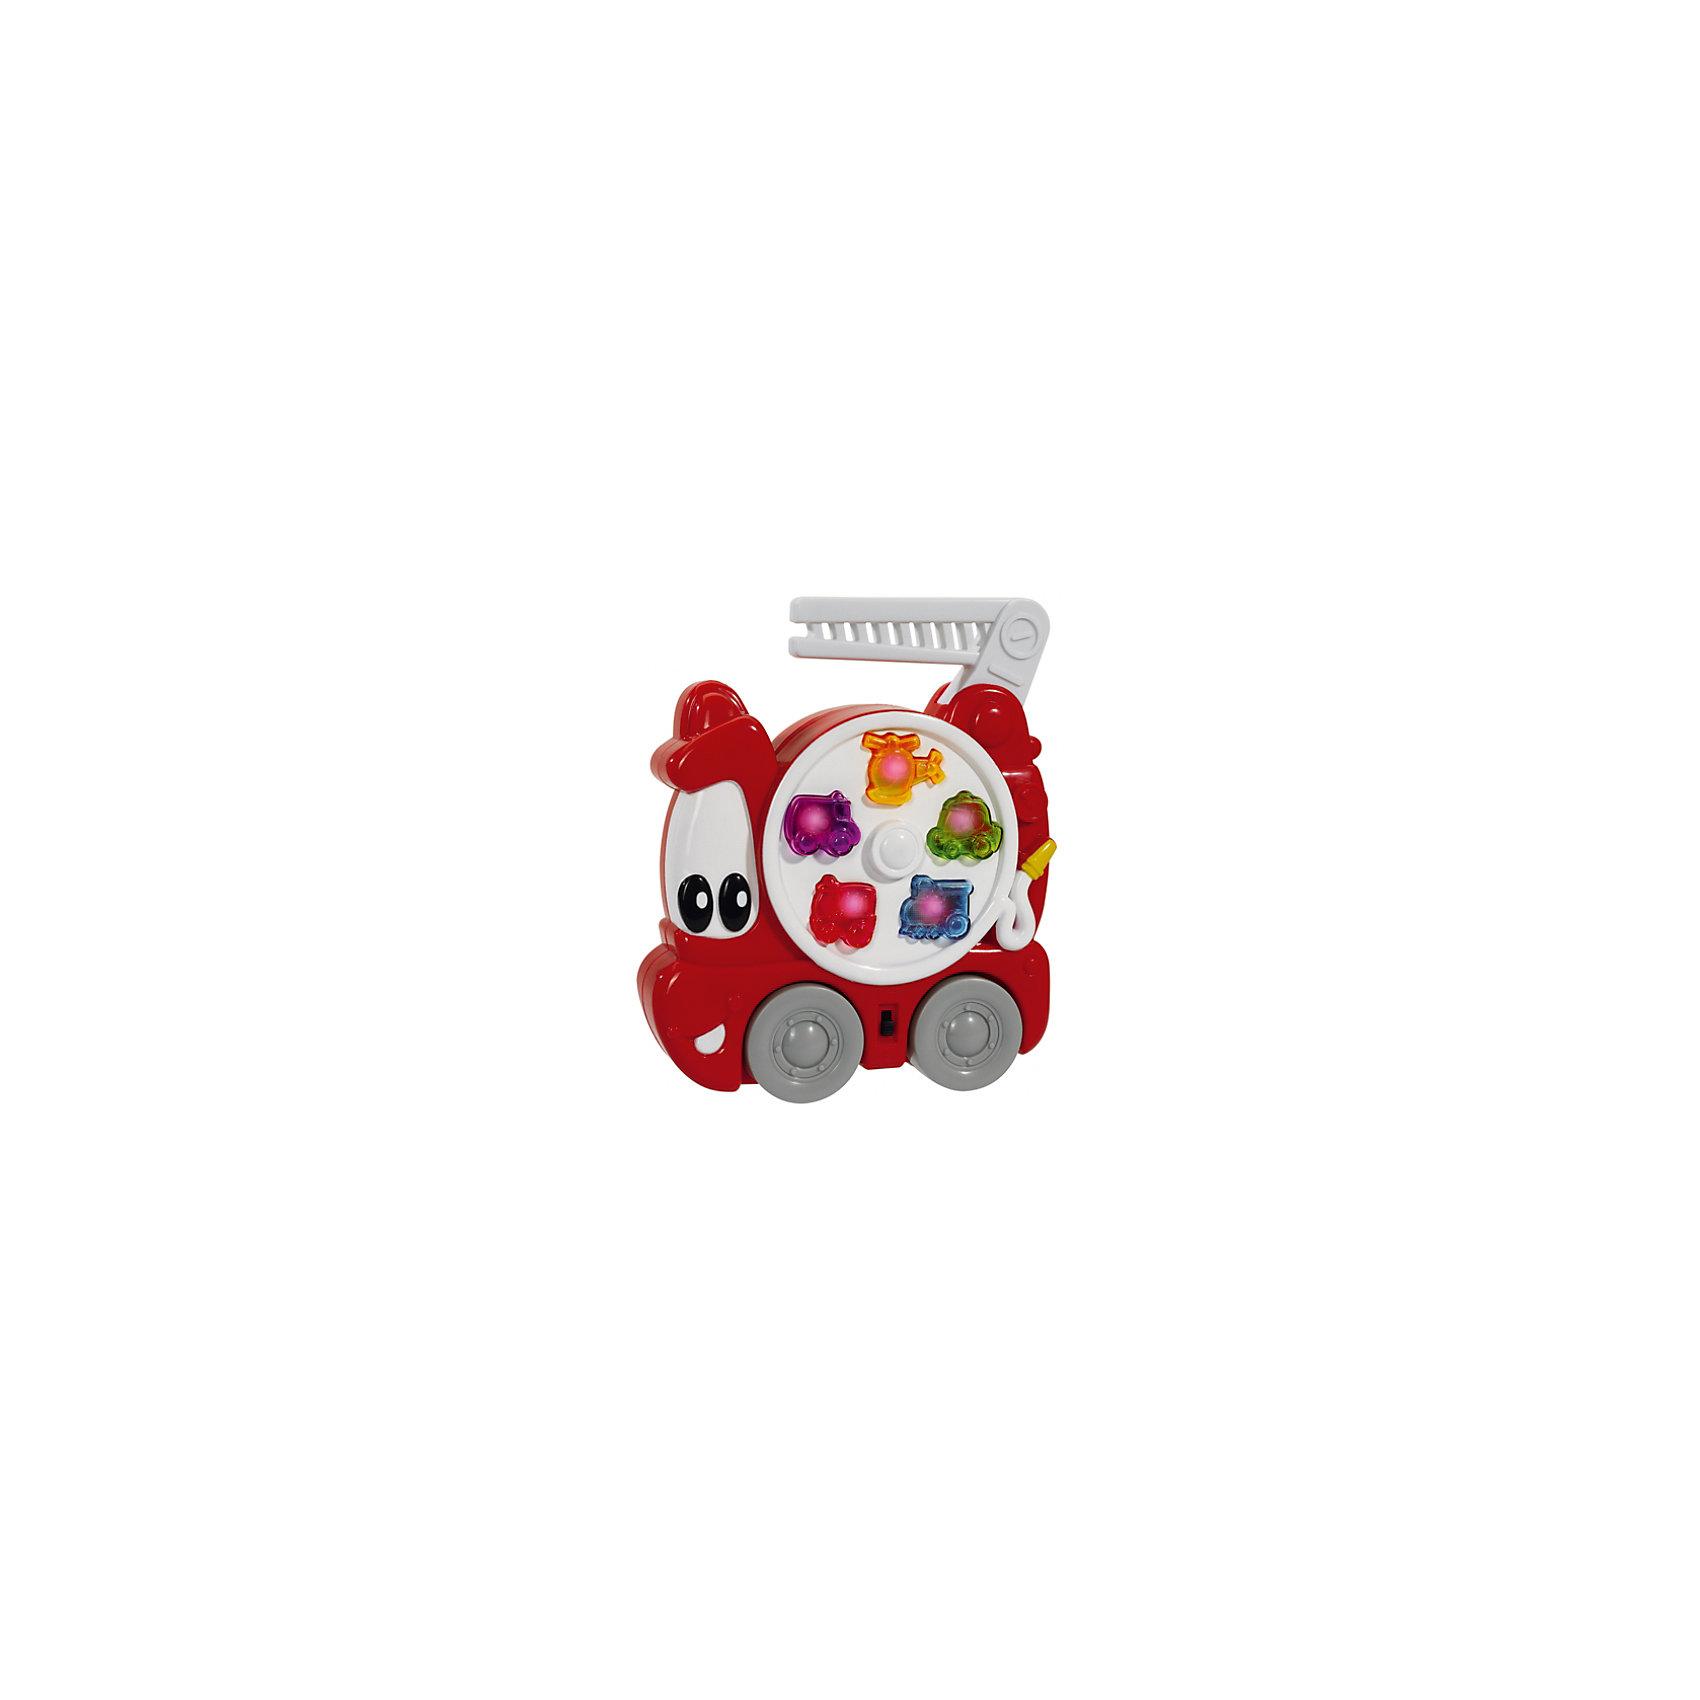 Пожарная машина со светом и звуком, SimbaПожарная машина со светом и звуком, Simba (Симба) – эта забавная красная пожарная машинка с глазками надолго увлечет вашего малыша.<br>Веселая пожарная машина от немецкой компании Simba (Симба) больше похожа на маленькую зверушку, чем на транспортное средство, благодаря своим большим доверчивым глазкам, заменяющим лобовое стекло, и блестящей улыбки вместо бампера. Один из боков игрушки украшает большой белый диск с пятью разноцветными кнопками, оформленных в виде различной автомобильной техники, при нажатии на которые сами кнопочки загораются, воспроизводя различные мелодии или звуки сирены. У машины есть большие колеса, которые крутятся. Возить игрушку можно только за ручку в виде пожарной лестницы, так как форма машины плоская. При желании ребенок может отключить музыку в пожарном автомобиле, дотронувшись до специального переключателя. Игрушка выполнена в ярких цветах их нетоксичного гипоаллергенного пластика. Играя с пожарной машиной, малыш будет развивать координацию движений, восприятие цветов, форм и звуков.<br><br>Дополнительная информация:<br><br>- Размер игрушки: 19 х 15 см.<br>- Материал: высококачественный пластик<br>- Батарейки: 2 х АА 1.5V (включены в комплект)<br>- Размер упаковки: 23 x 20 x 6 см.<br>- Вес: 315 гр.<br><br>Пожарную машину со светом и звуком, Simba (Симба) можно купить в нашем интернет-магазине.<br><br>Ширина мм: 220<br>Глубина мм: 53<br>Высота мм: 196<br>Вес г: 318<br>Возраст от месяцев: 12<br>Возраст до месяцев: 36<br>Пол: Мужской<br>Возраст: Детский<br>SKU: 2246335